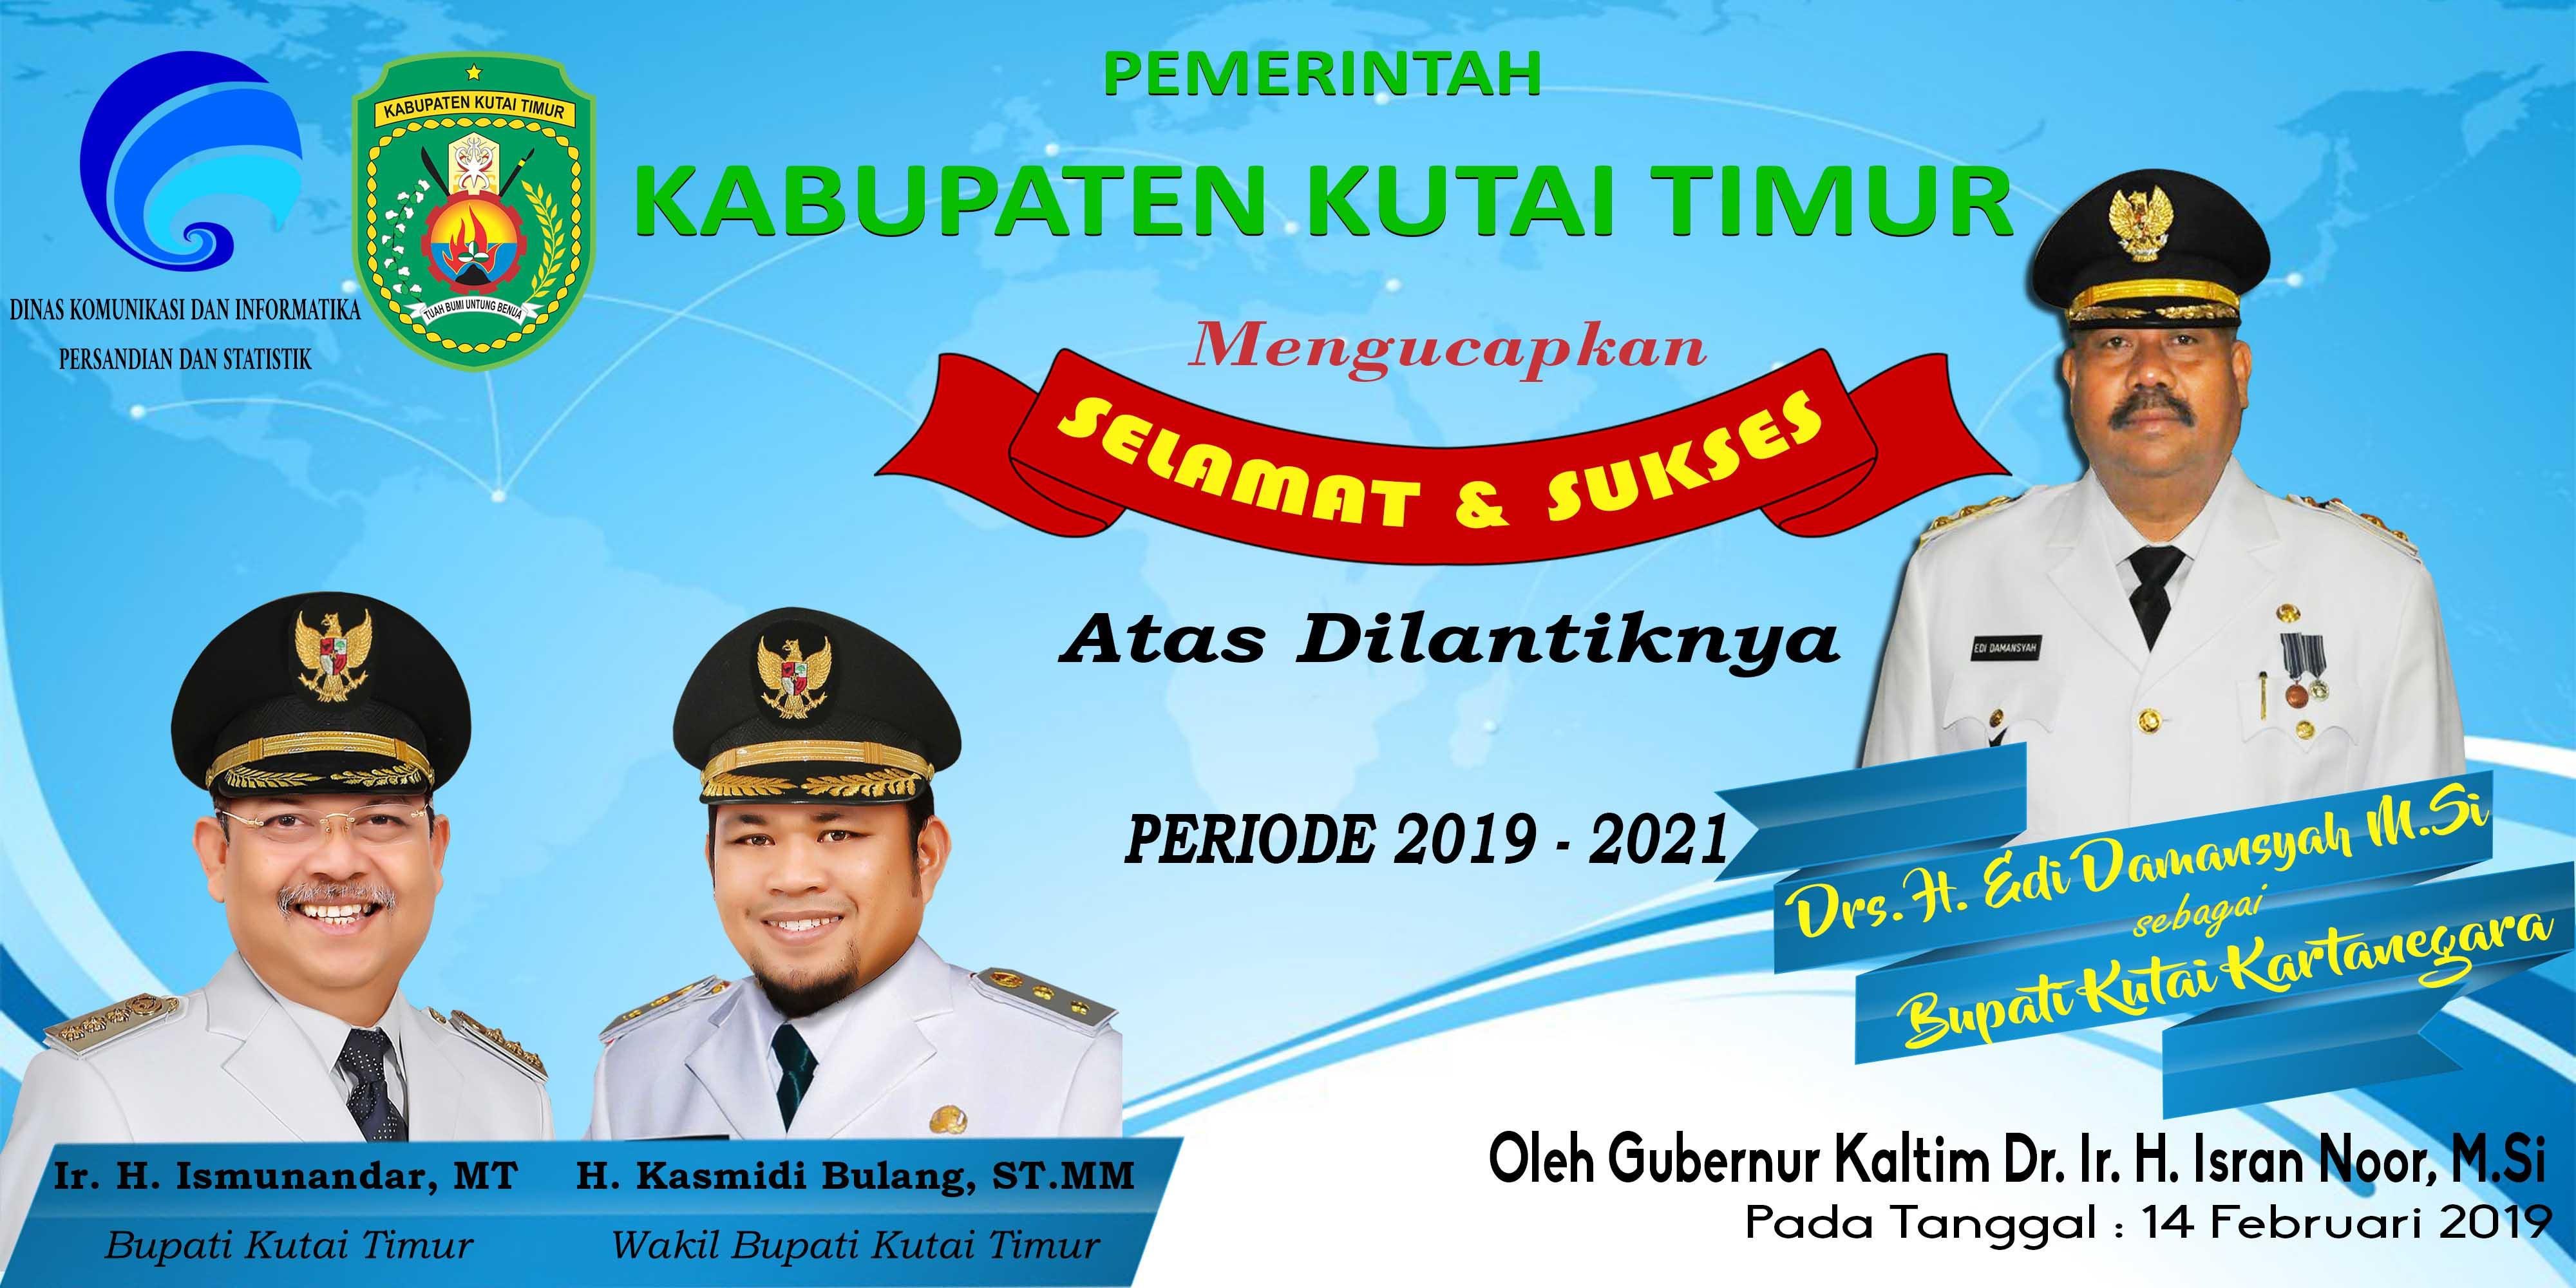 Drs. H. Edi Damansyah M.Si